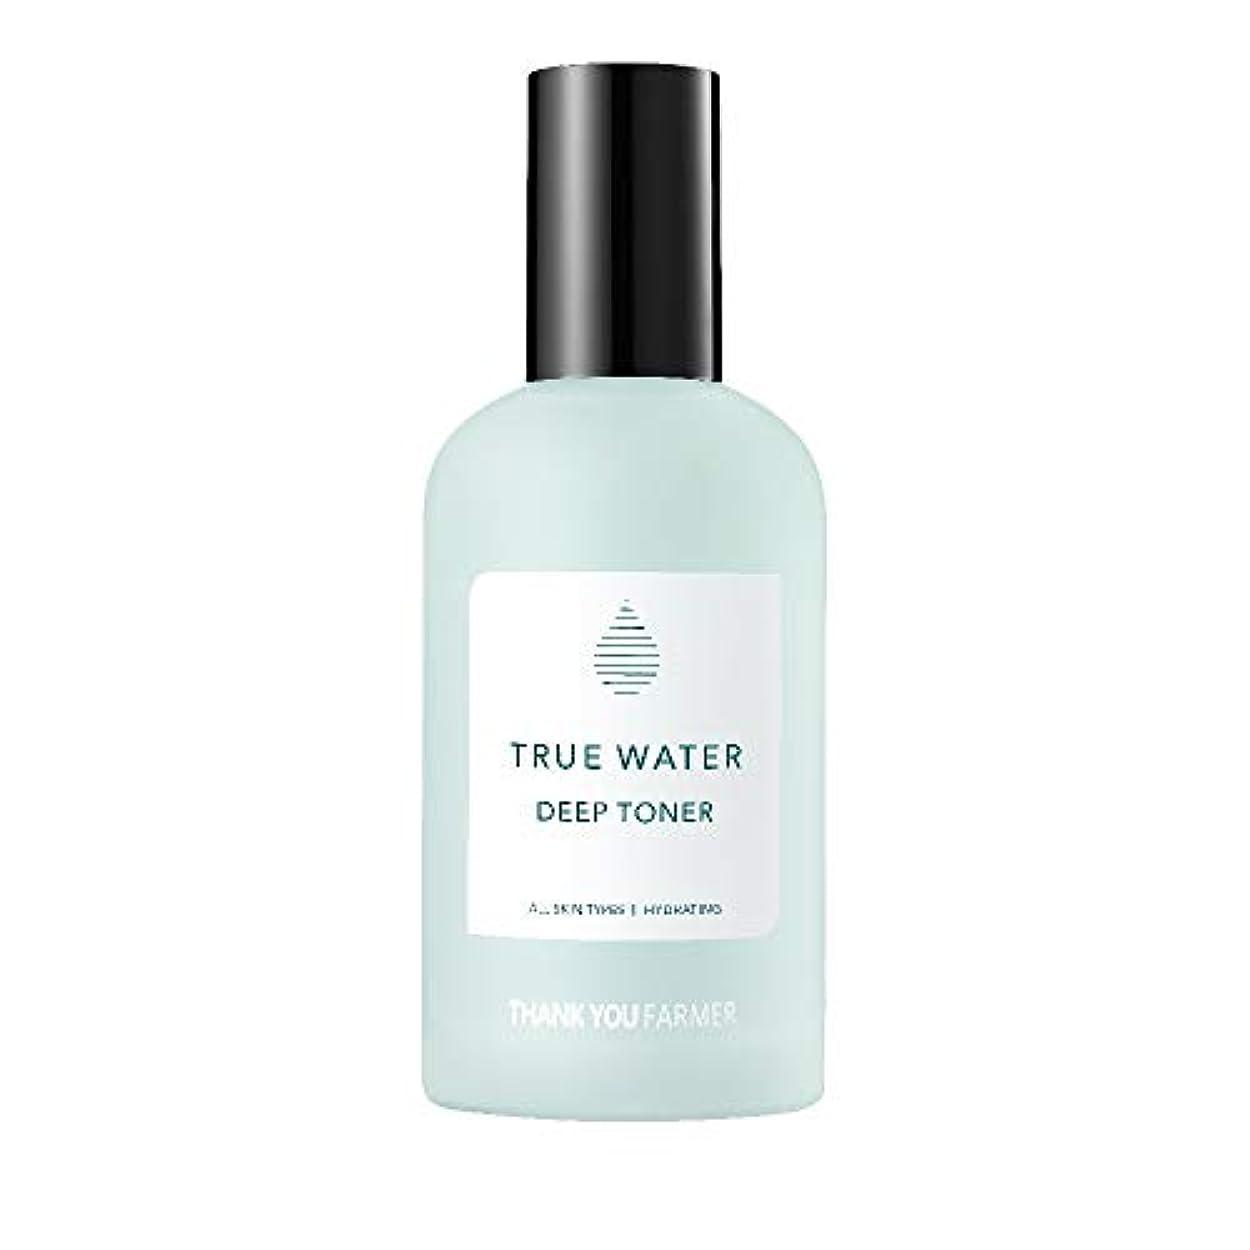 マカダム従順摩擦THANK YOU FARMER [サンキューファーマー] トゥルーウォーター ディープ トナー 化粧水